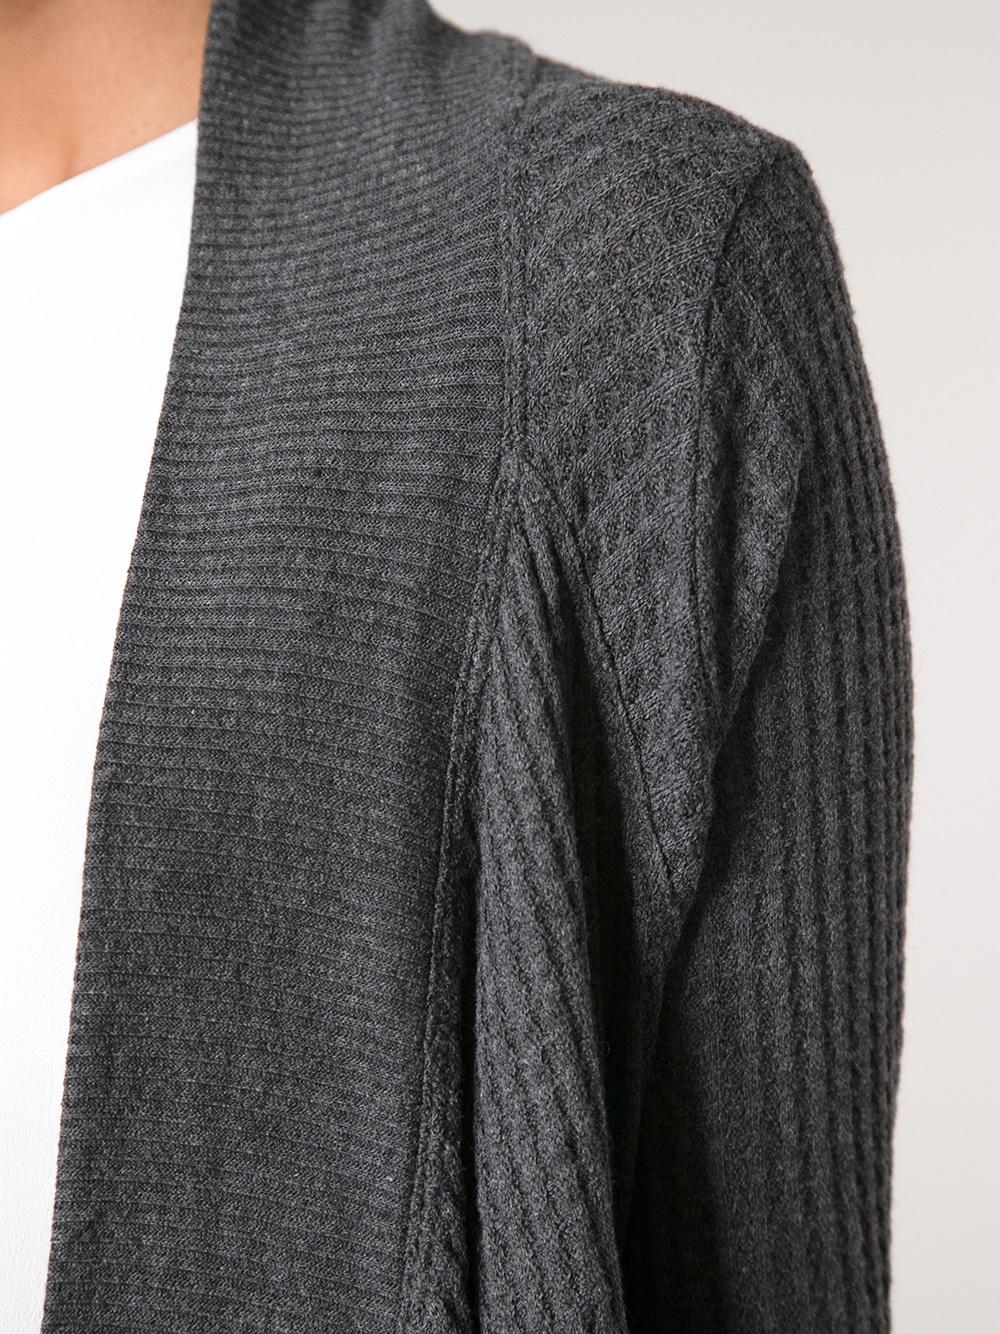 Ralph Lauren Cardigan Sweater